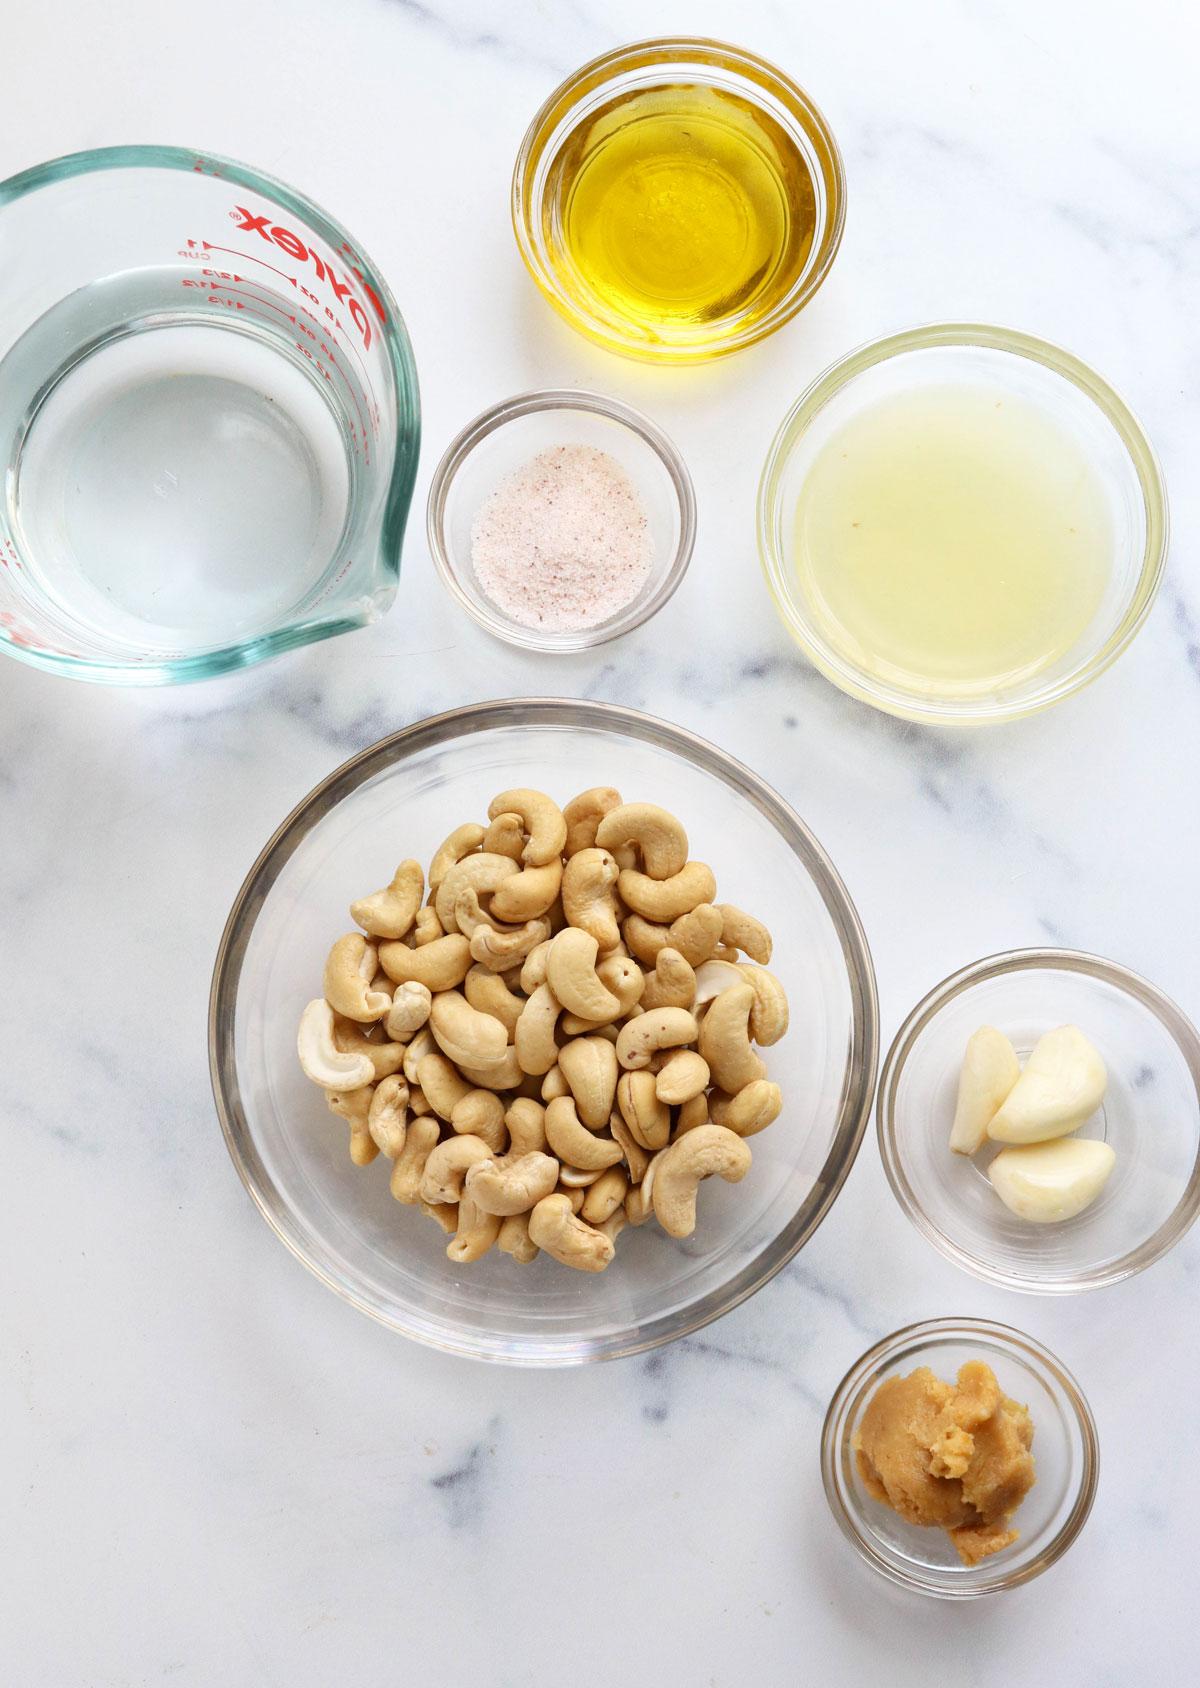 vegan caesar dressing ingredients in glass bowls on marble